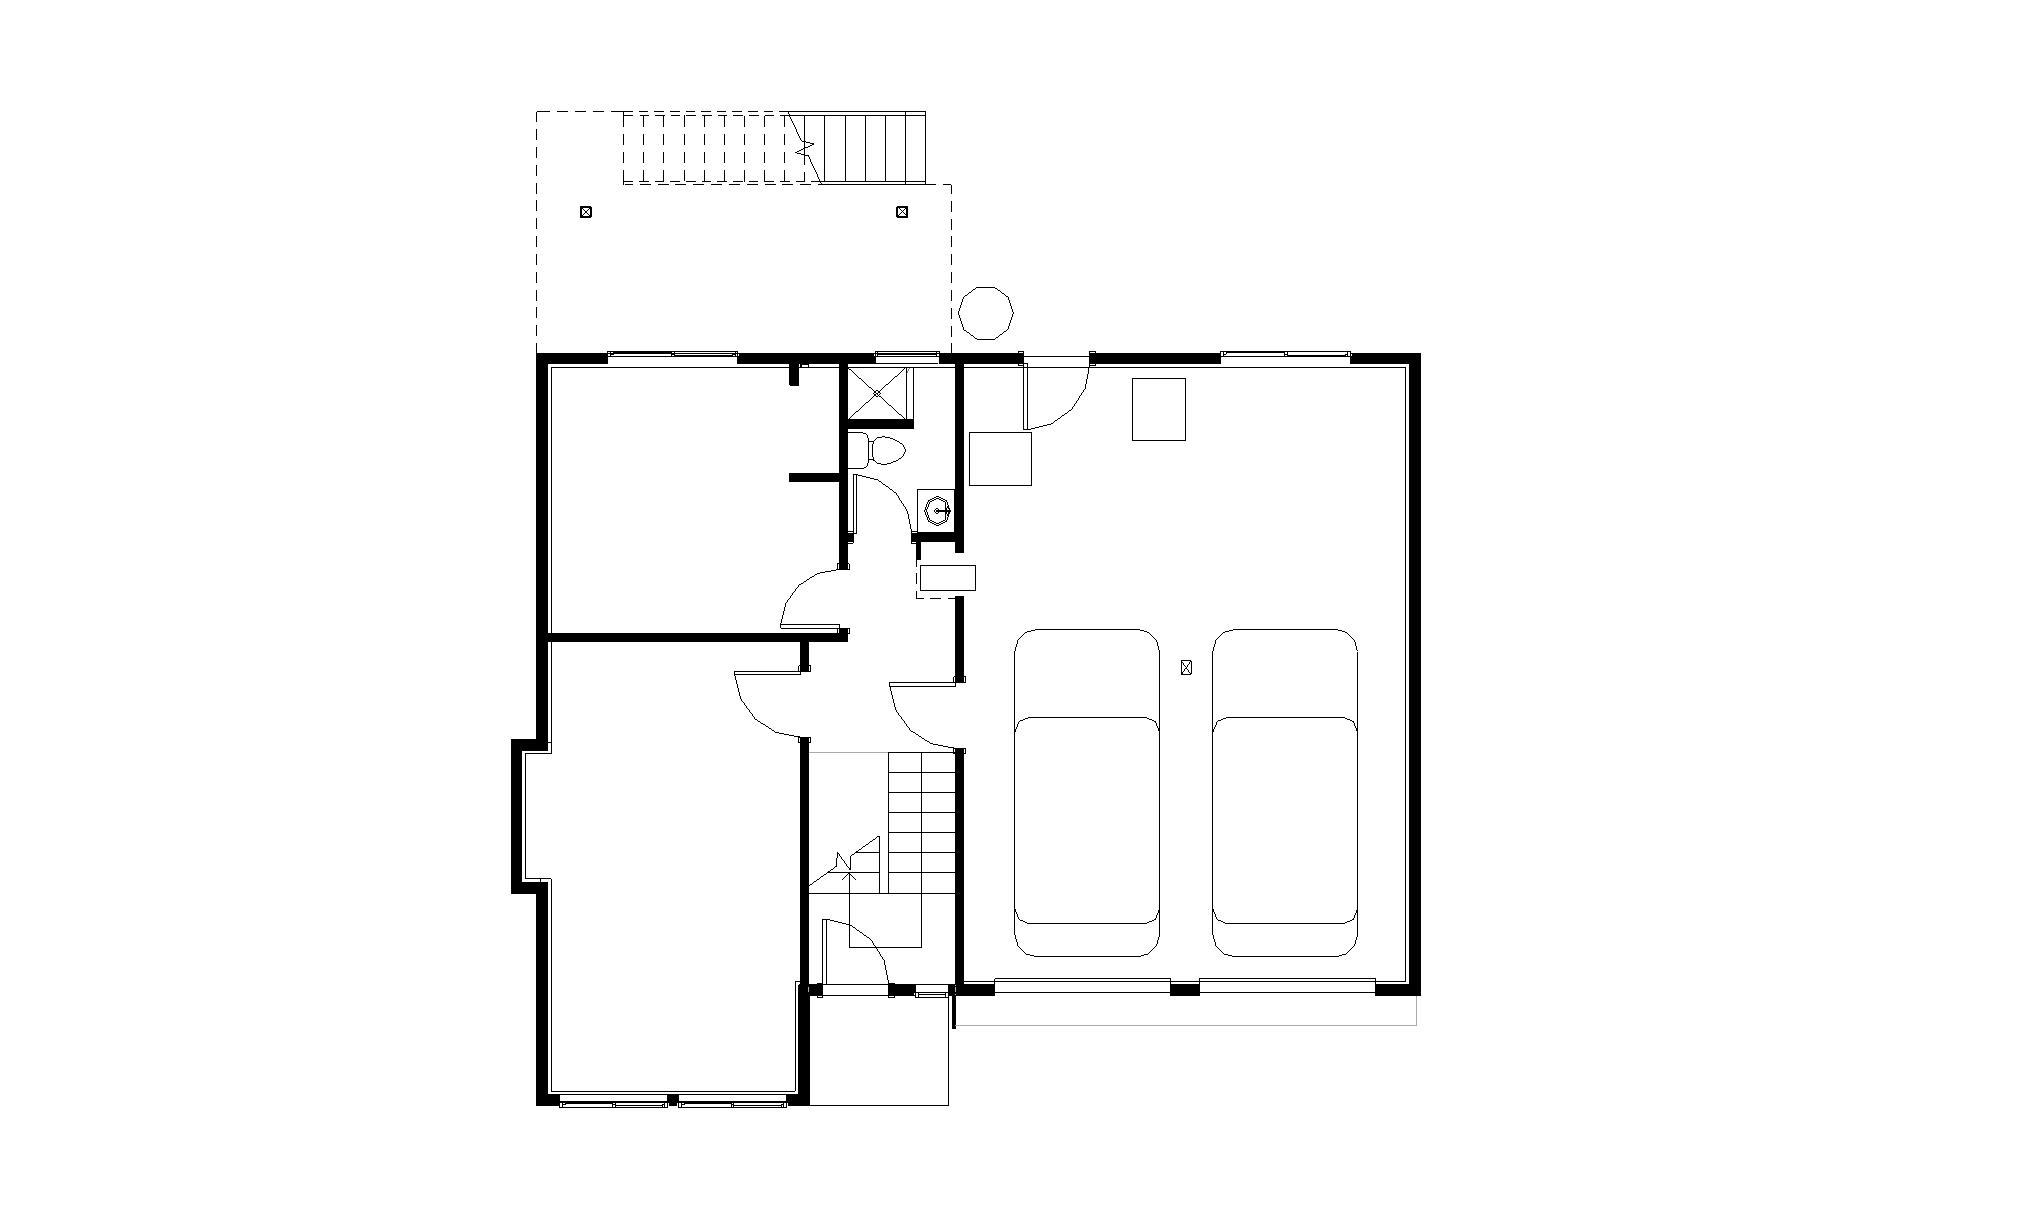 Previous floor plan